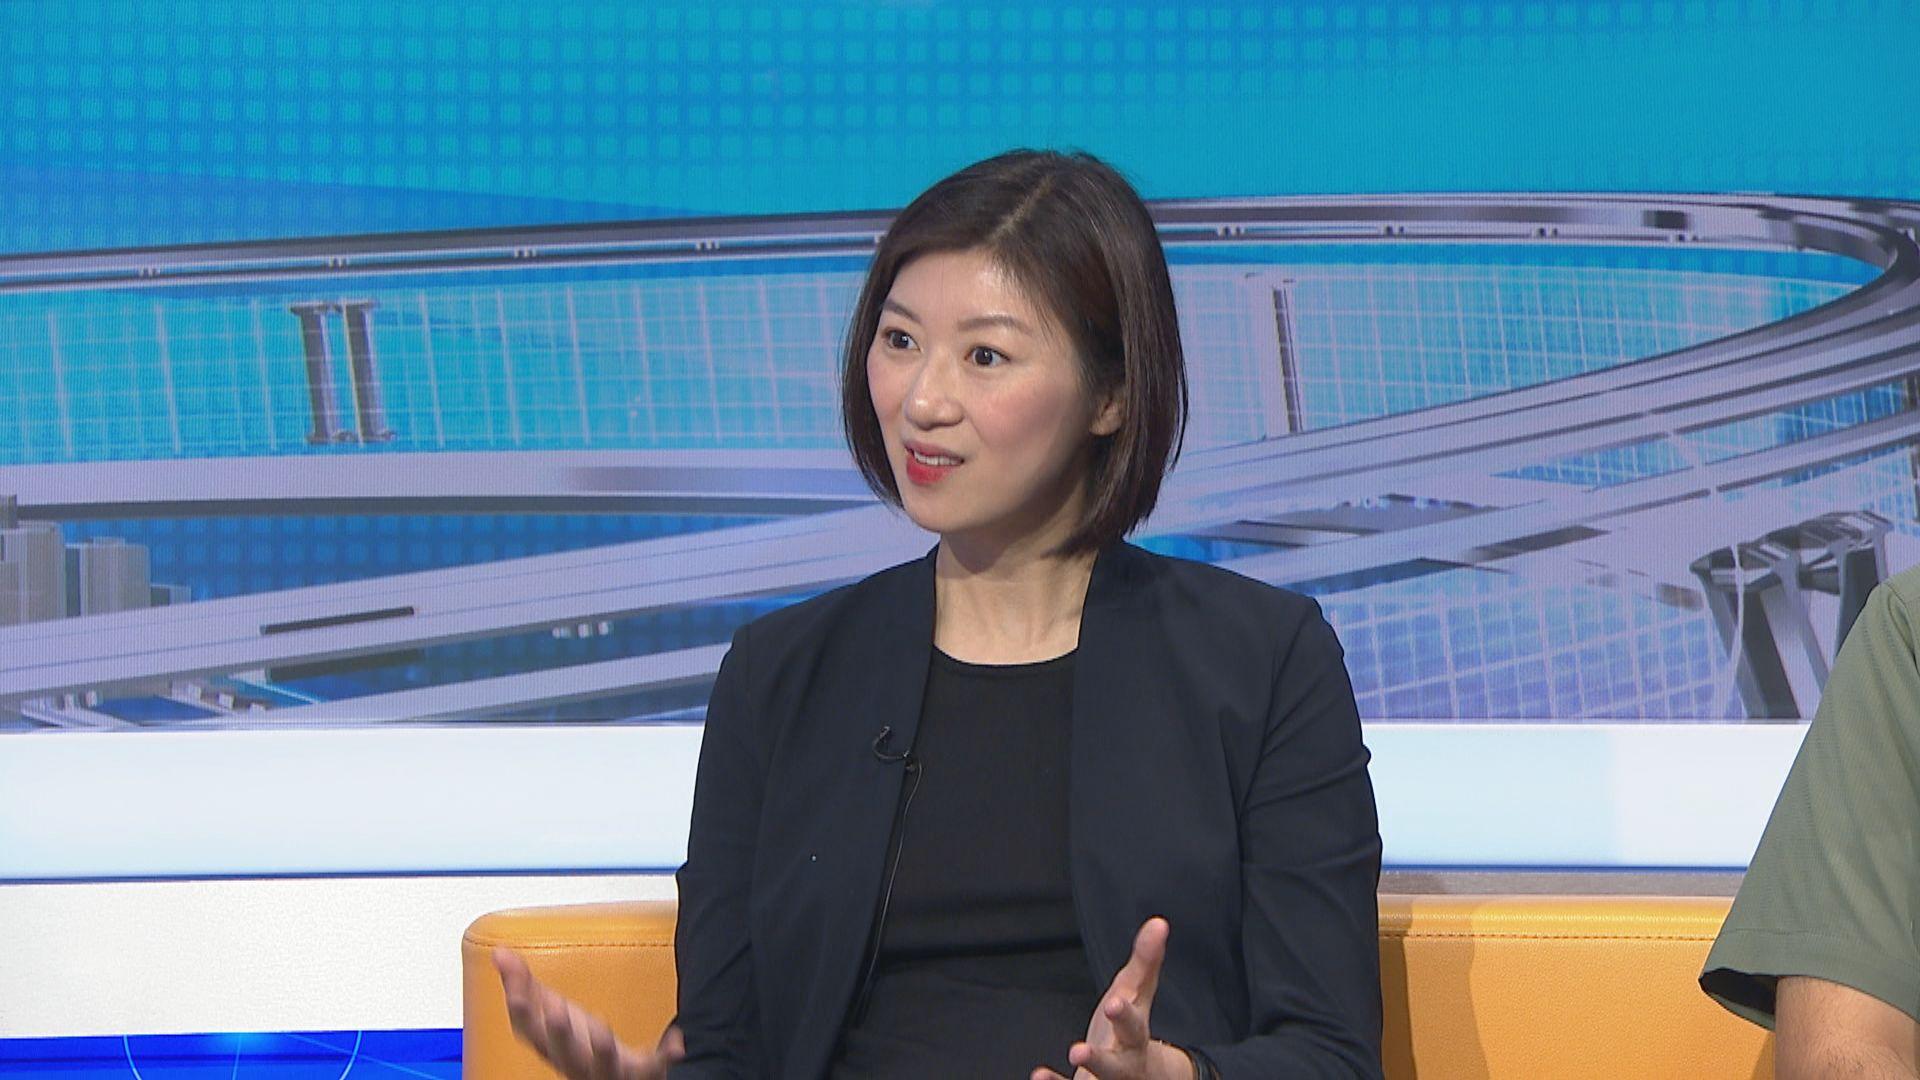 容海恩憂緊急法影響普通市民生活盼政府三思